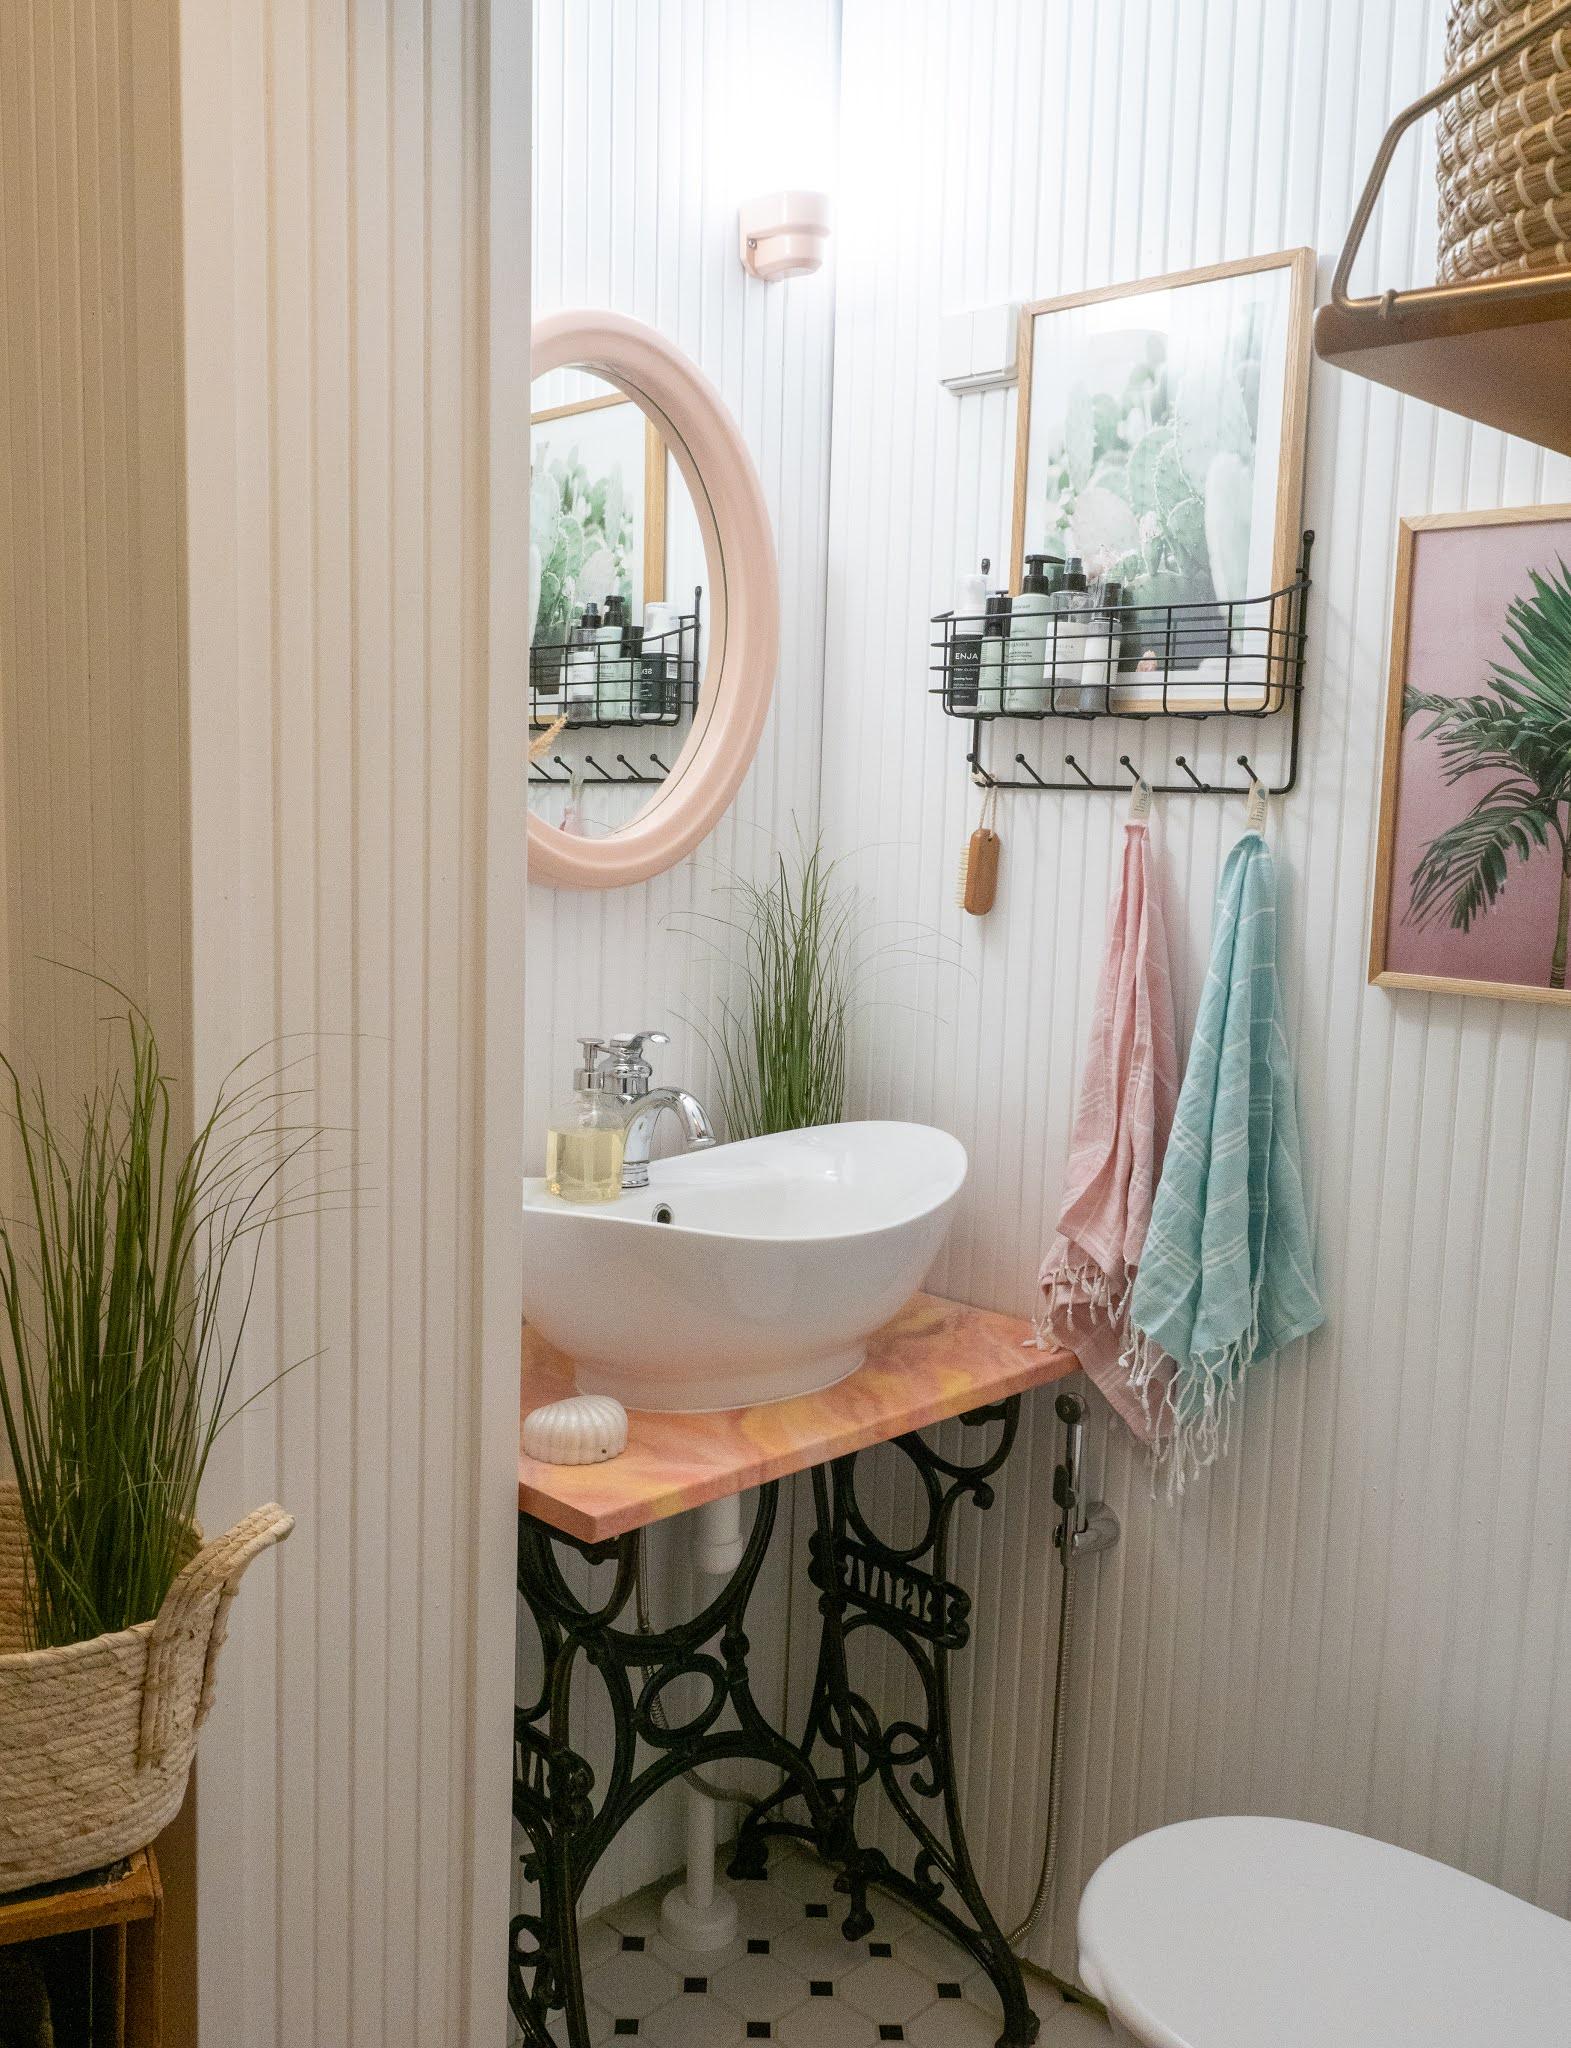 persoonallinen kylpyhuoneen taso